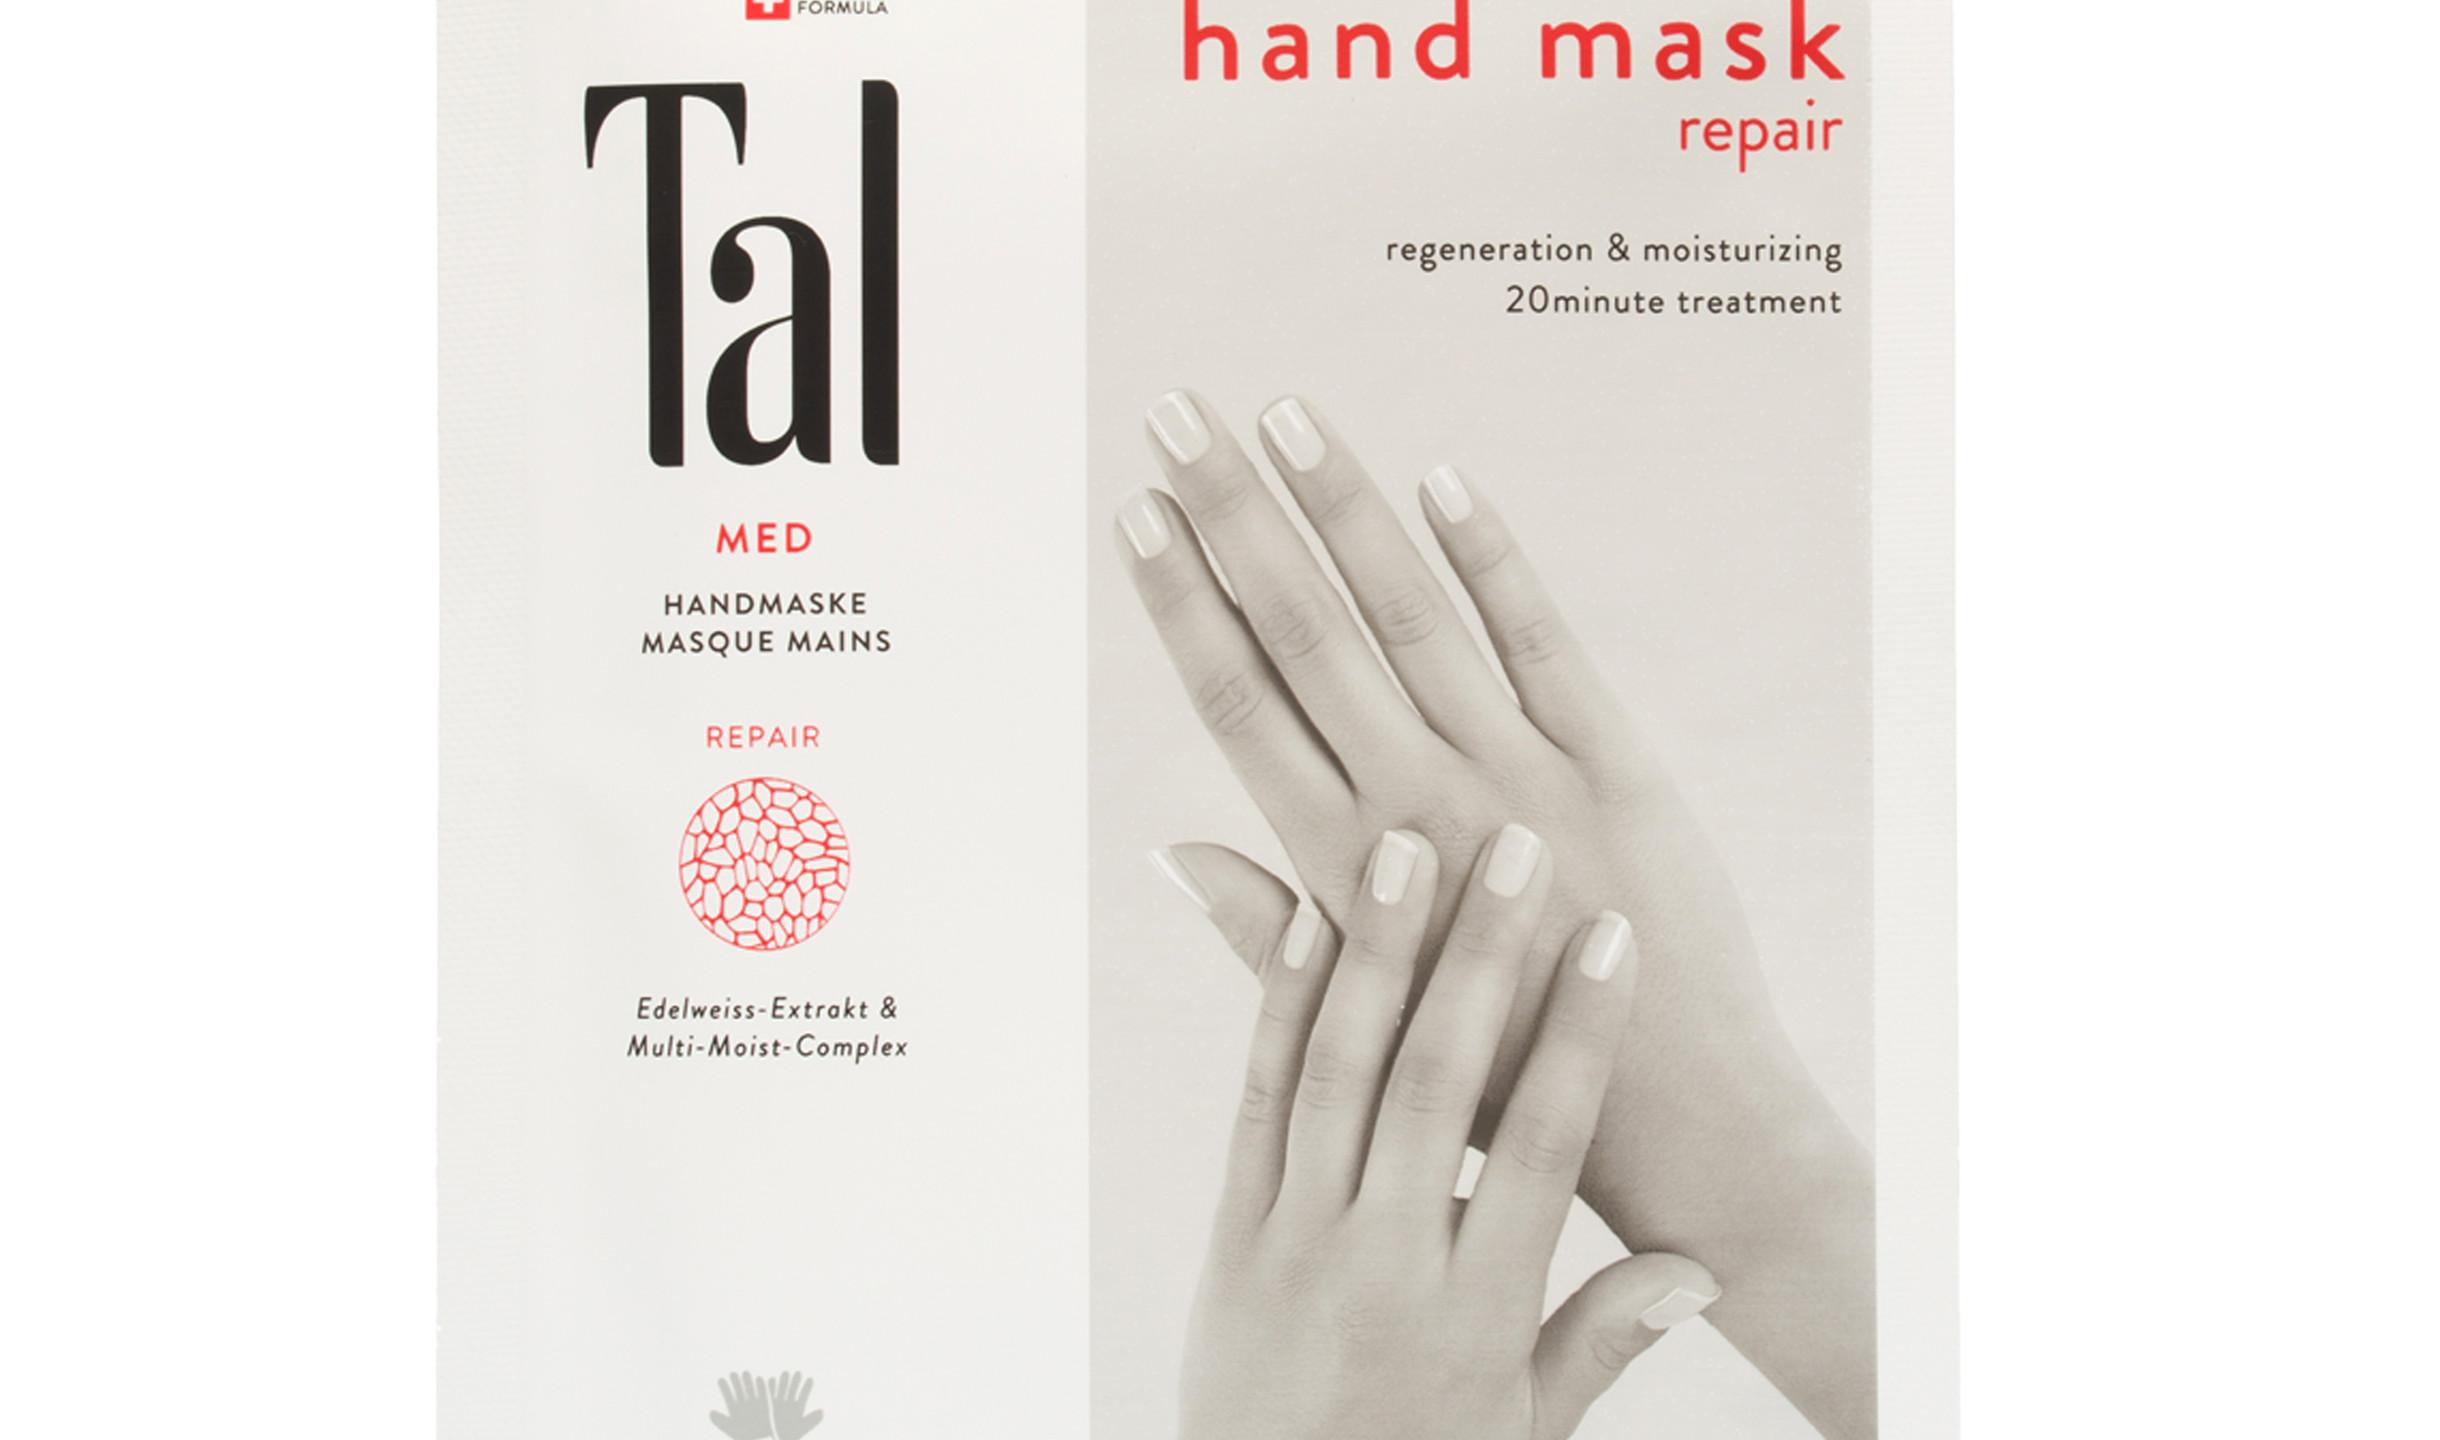 Handmaske Repair - Noch nie war eine intensive Pflege der beanspruchten Haut an den Händen so einfach: der mit einem Power-Pflanzencocktail getränkte Handschuh wird einfach übergestreift. Circa 15-20 Minuten einziehen lassen. 2 Handschuhe, ca. 4,90 € / 6er Box ca. 24,50 €